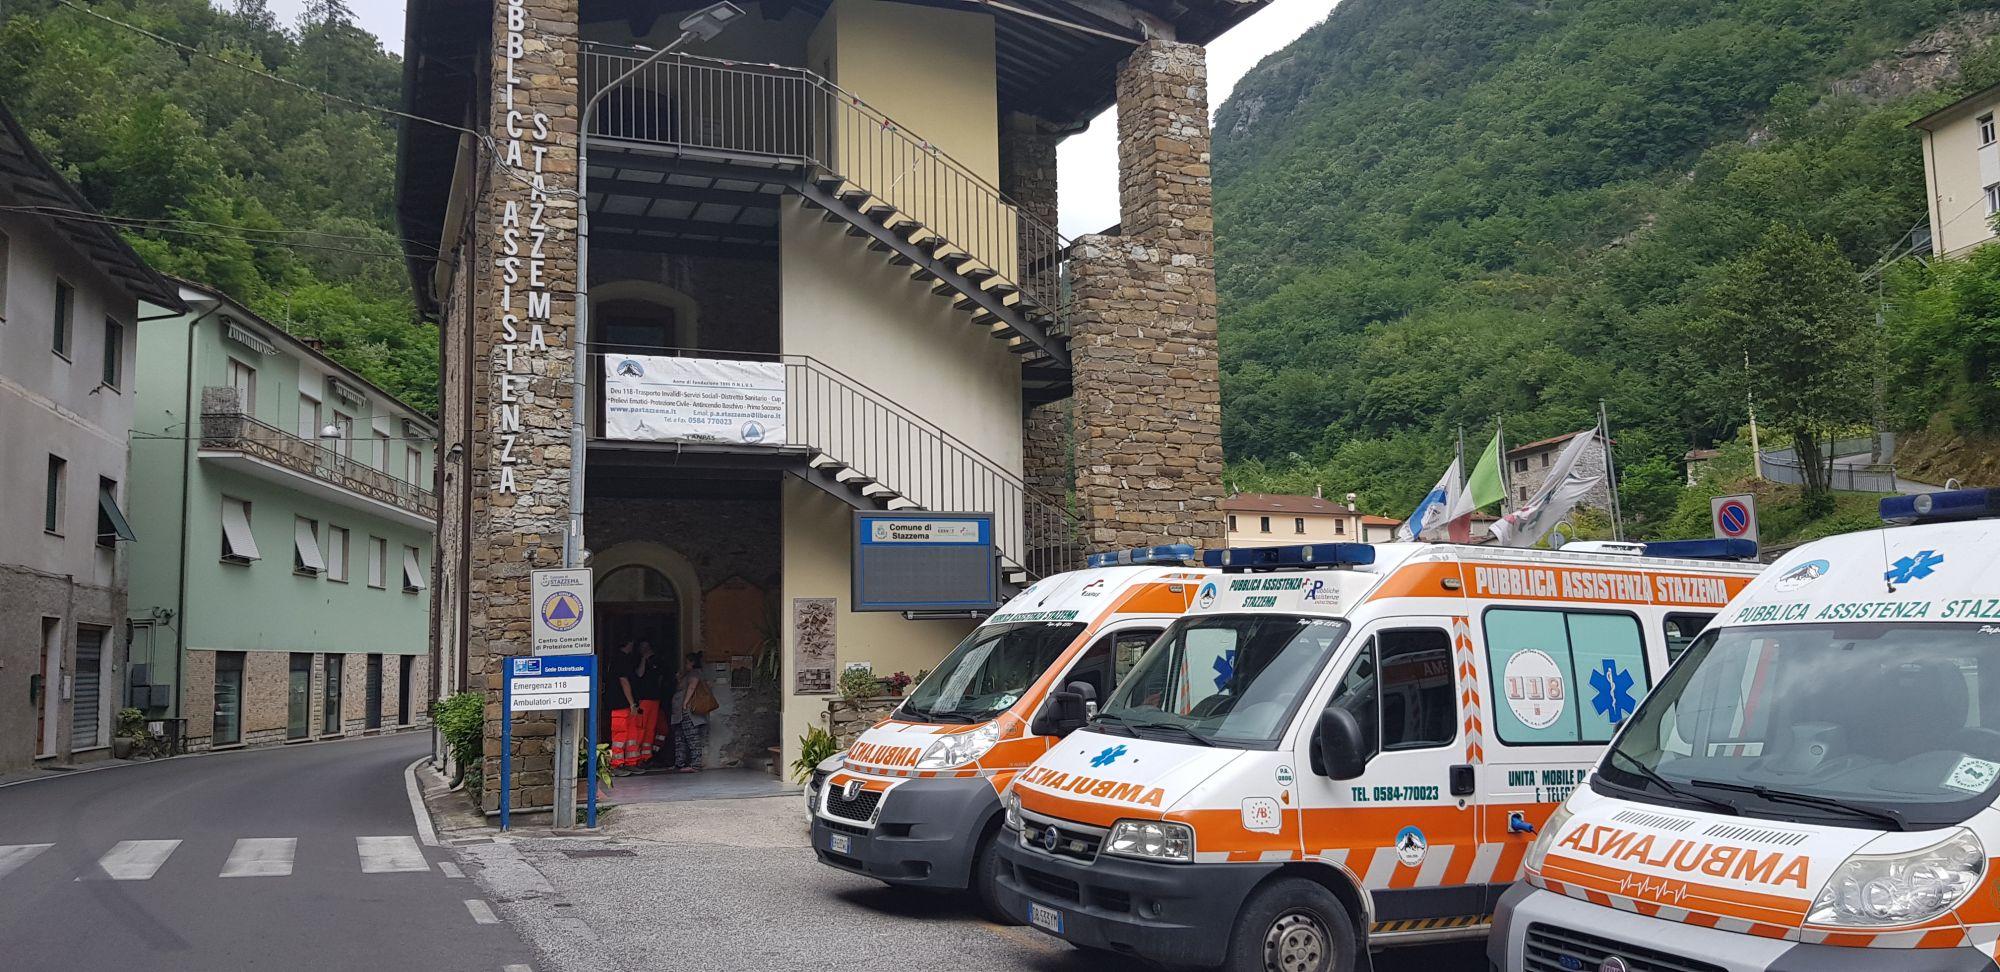 Stazzema da due mesi e mezzo senza medico sull'ambulanza al distretto Asl di Pontestazzemese